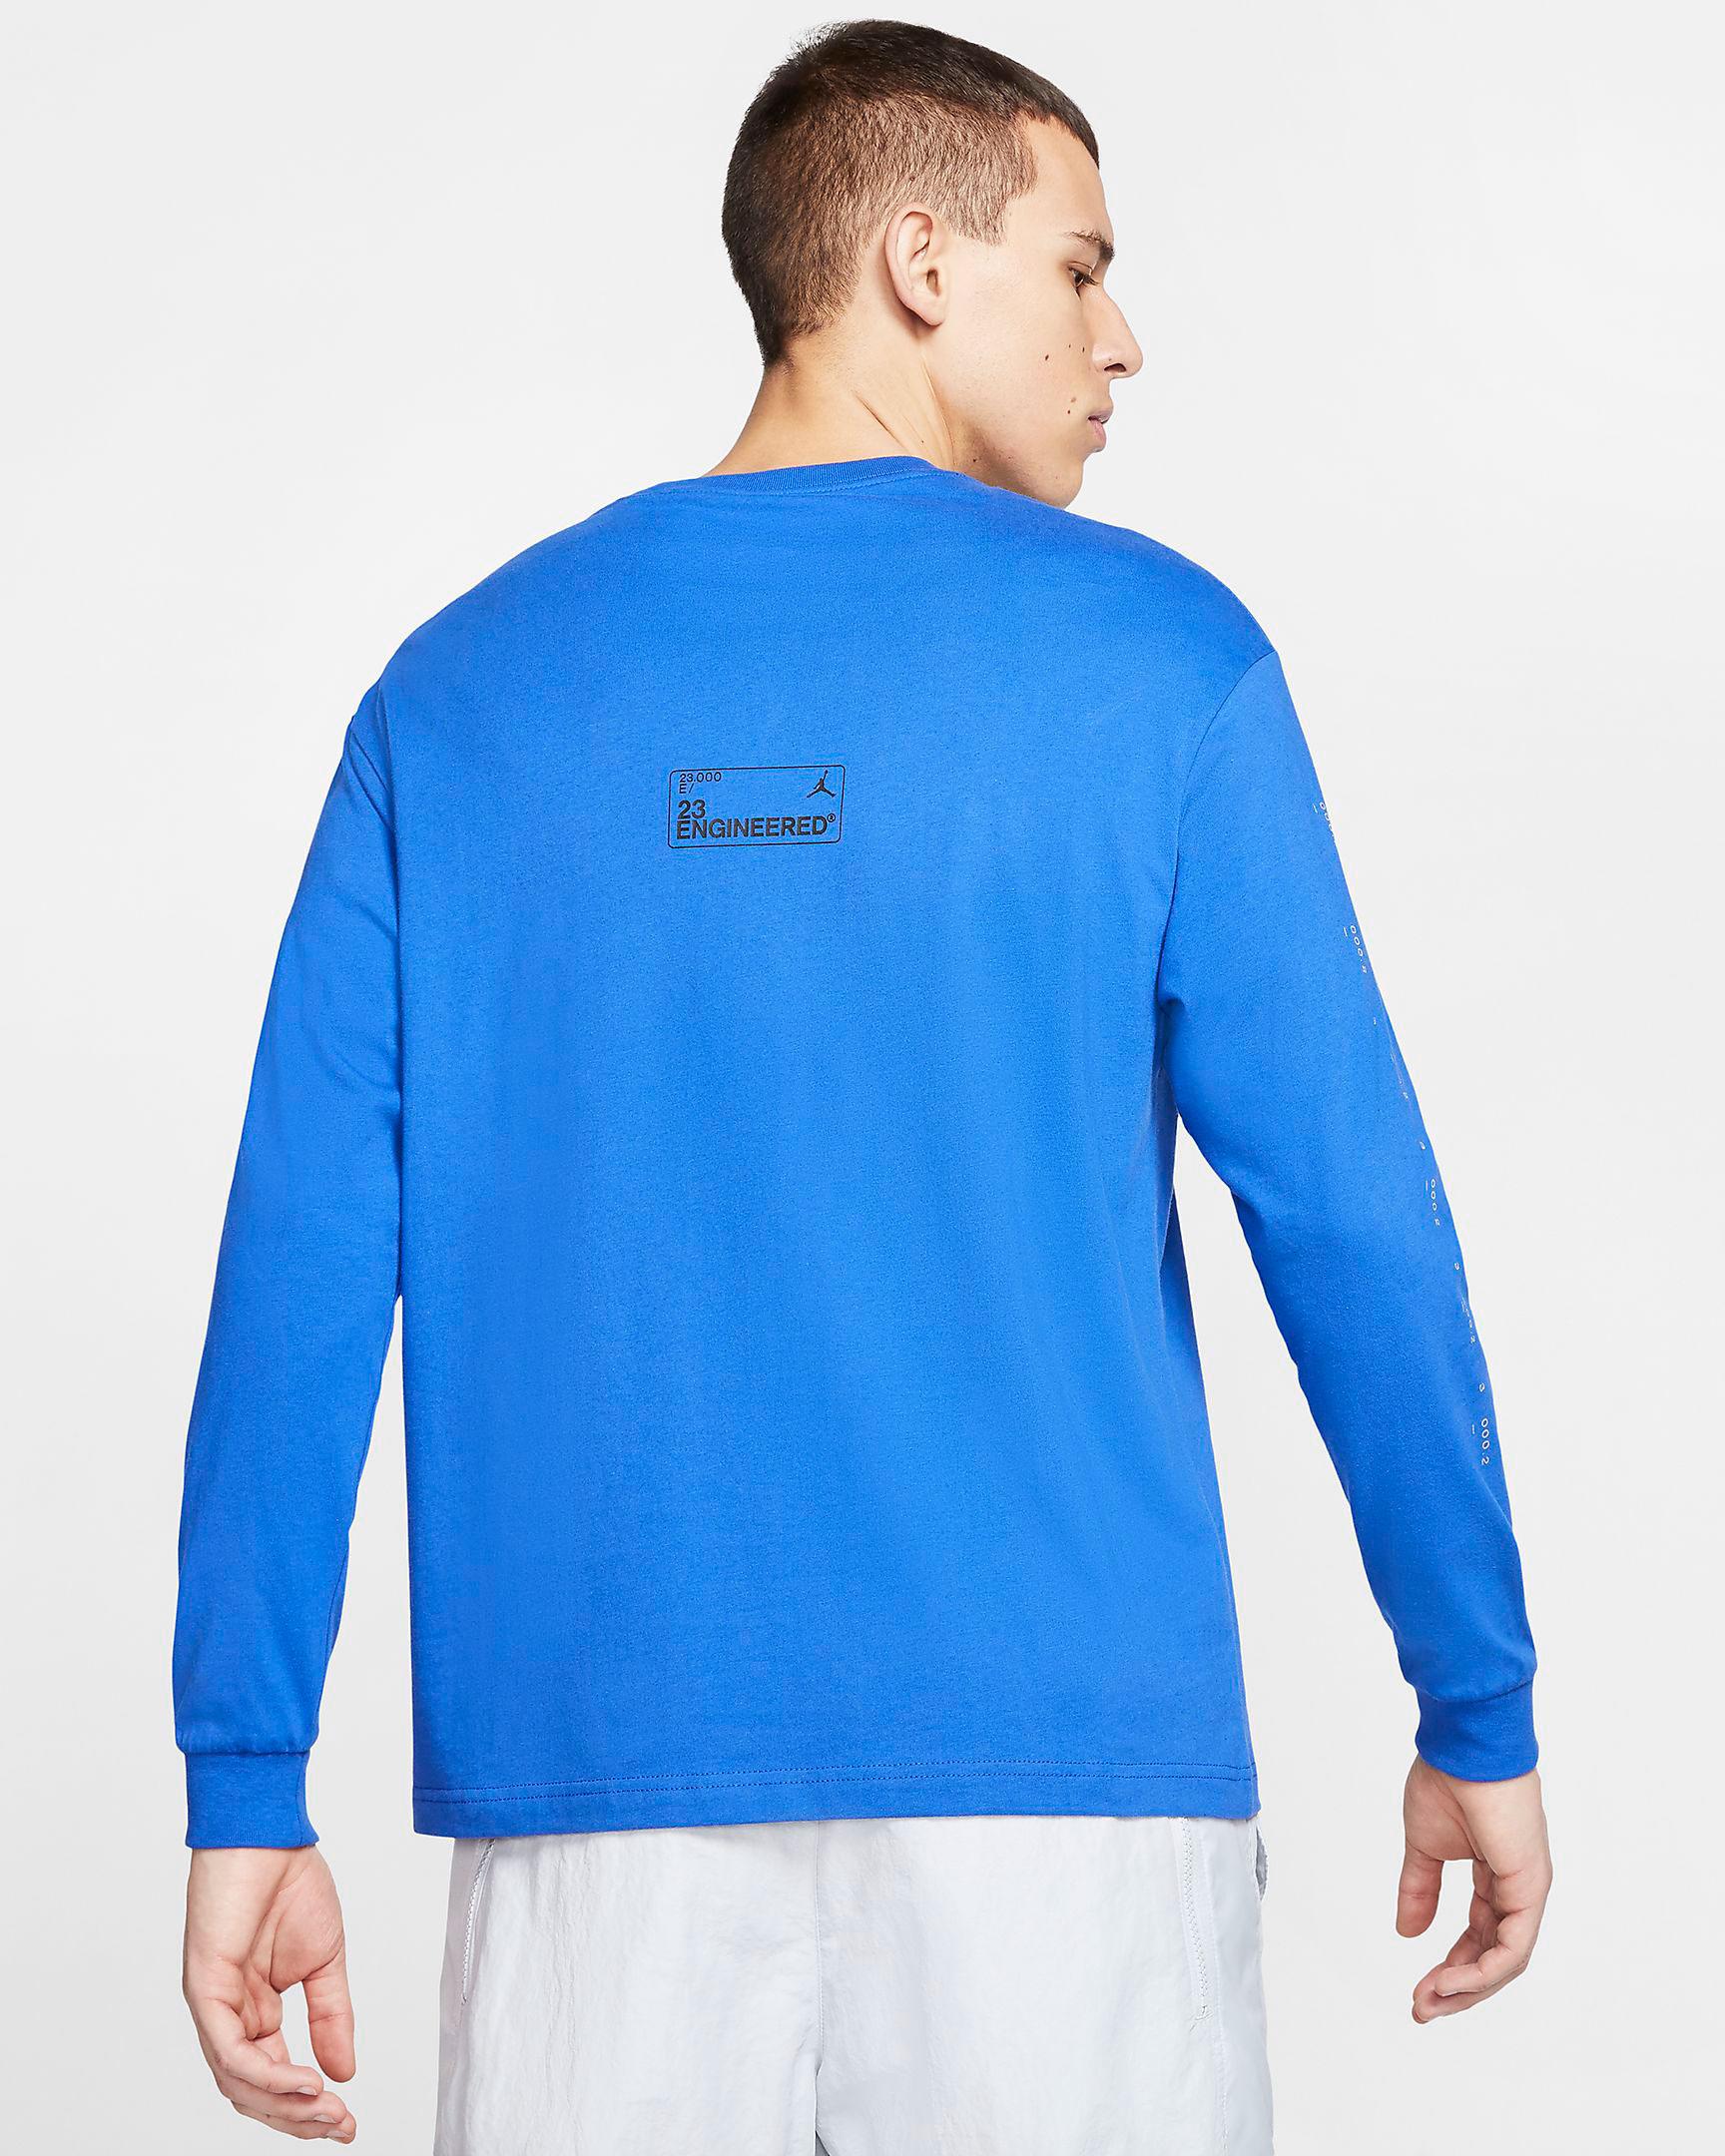 air-jordan-9-racer-blue-shirt-match-2